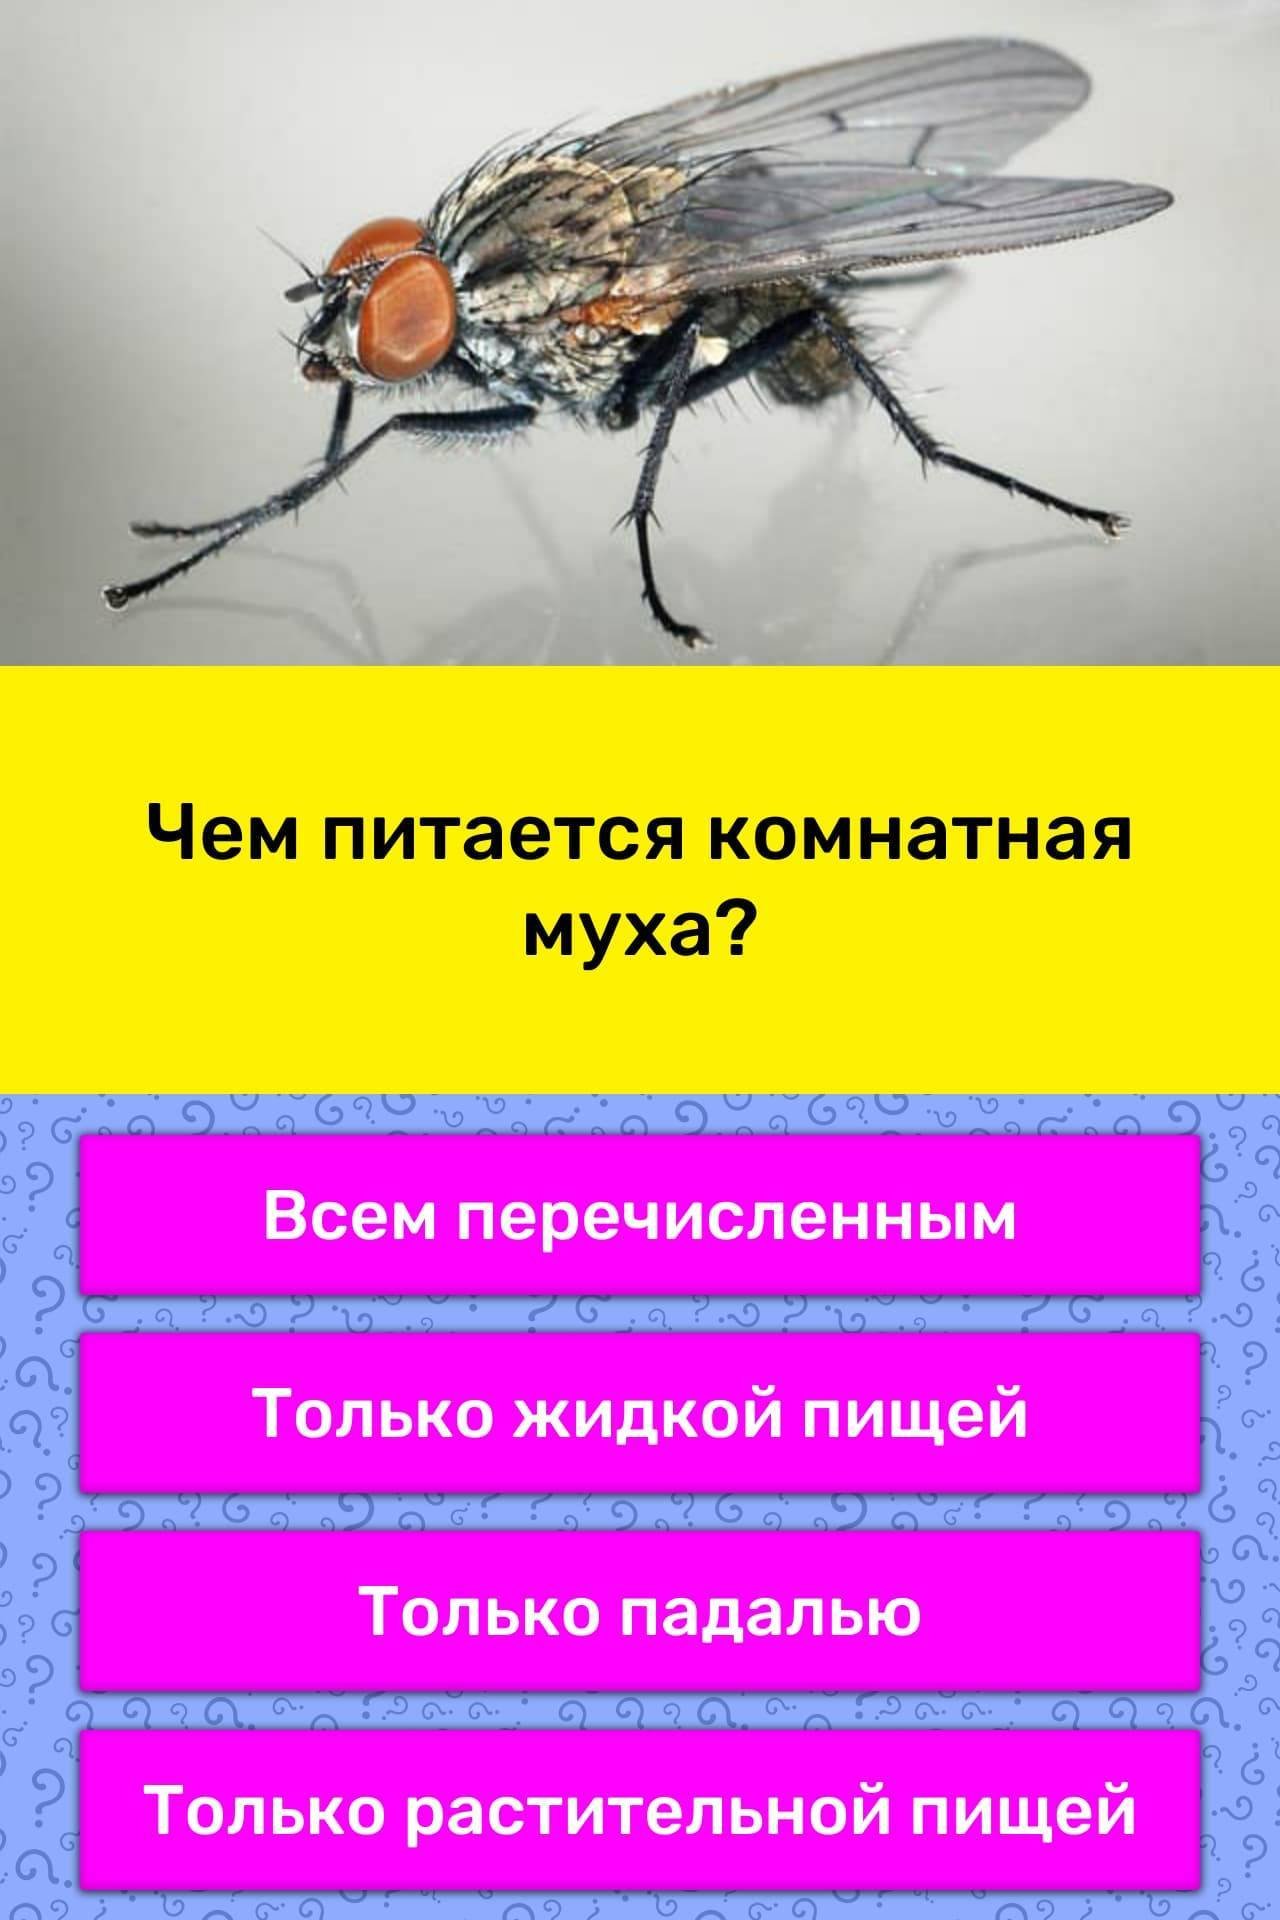 Чем питаются мухи в природе и в домашних условиях?